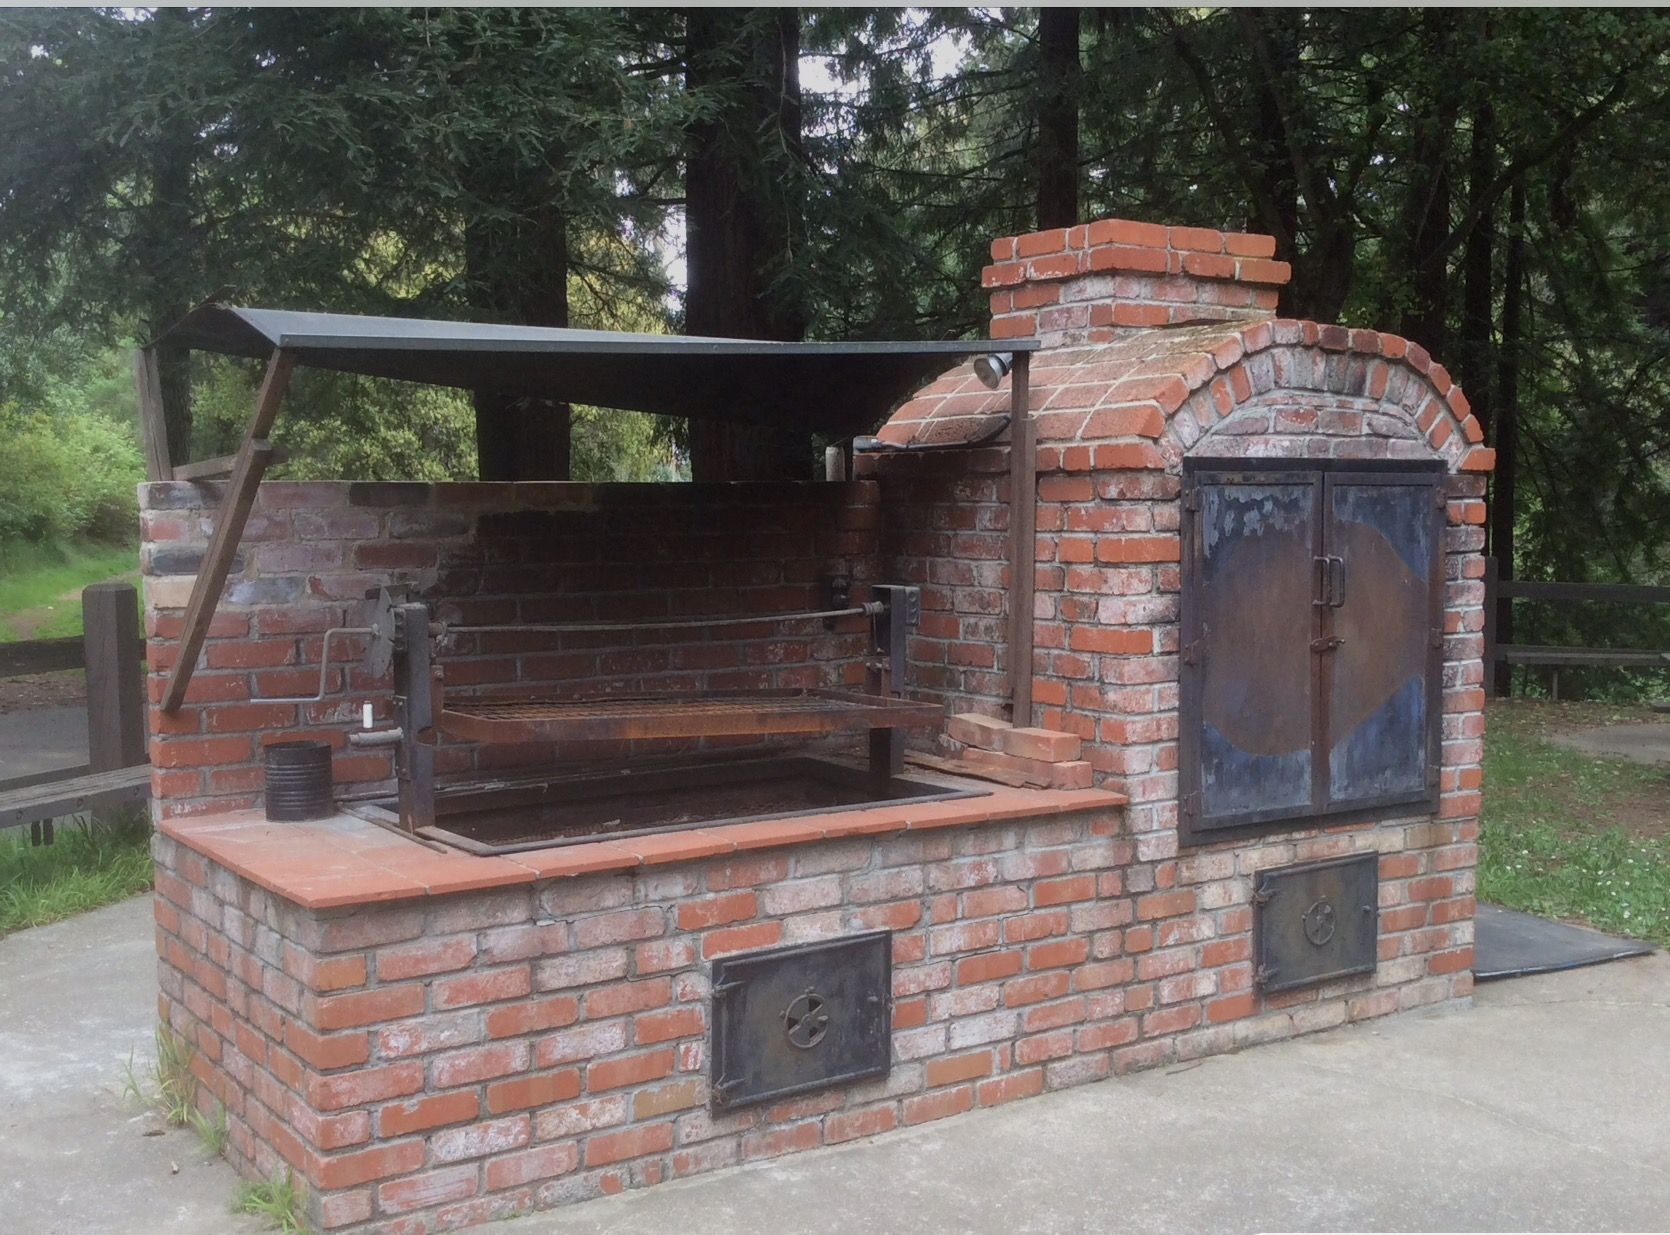 Outdoor Brick Smoker Oven